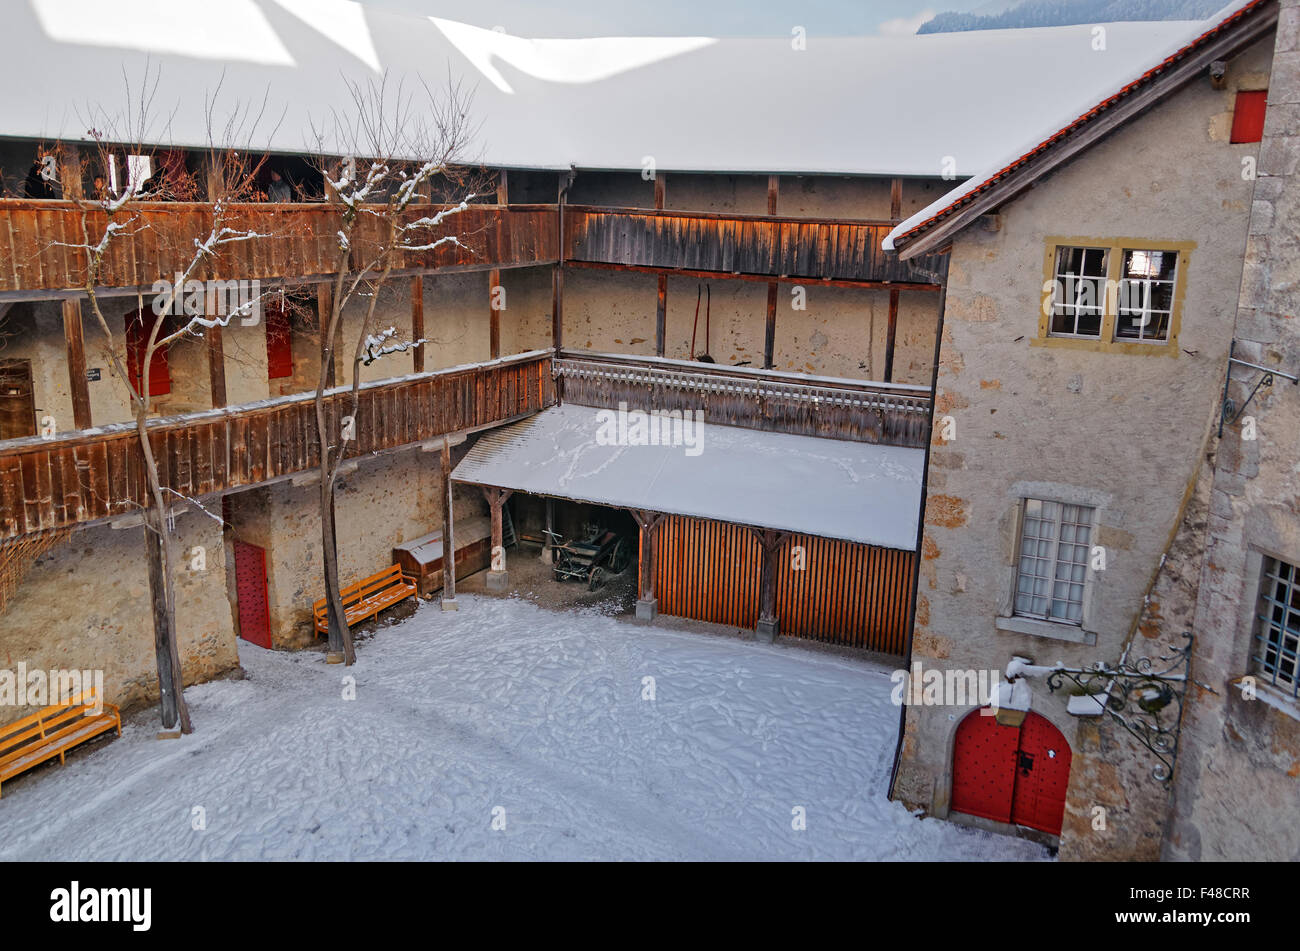 Gruyère, SUISSE - 31 décembre 2014: intime à la cour intérieure du château de Gruyères en Suisse. Banque D'Images